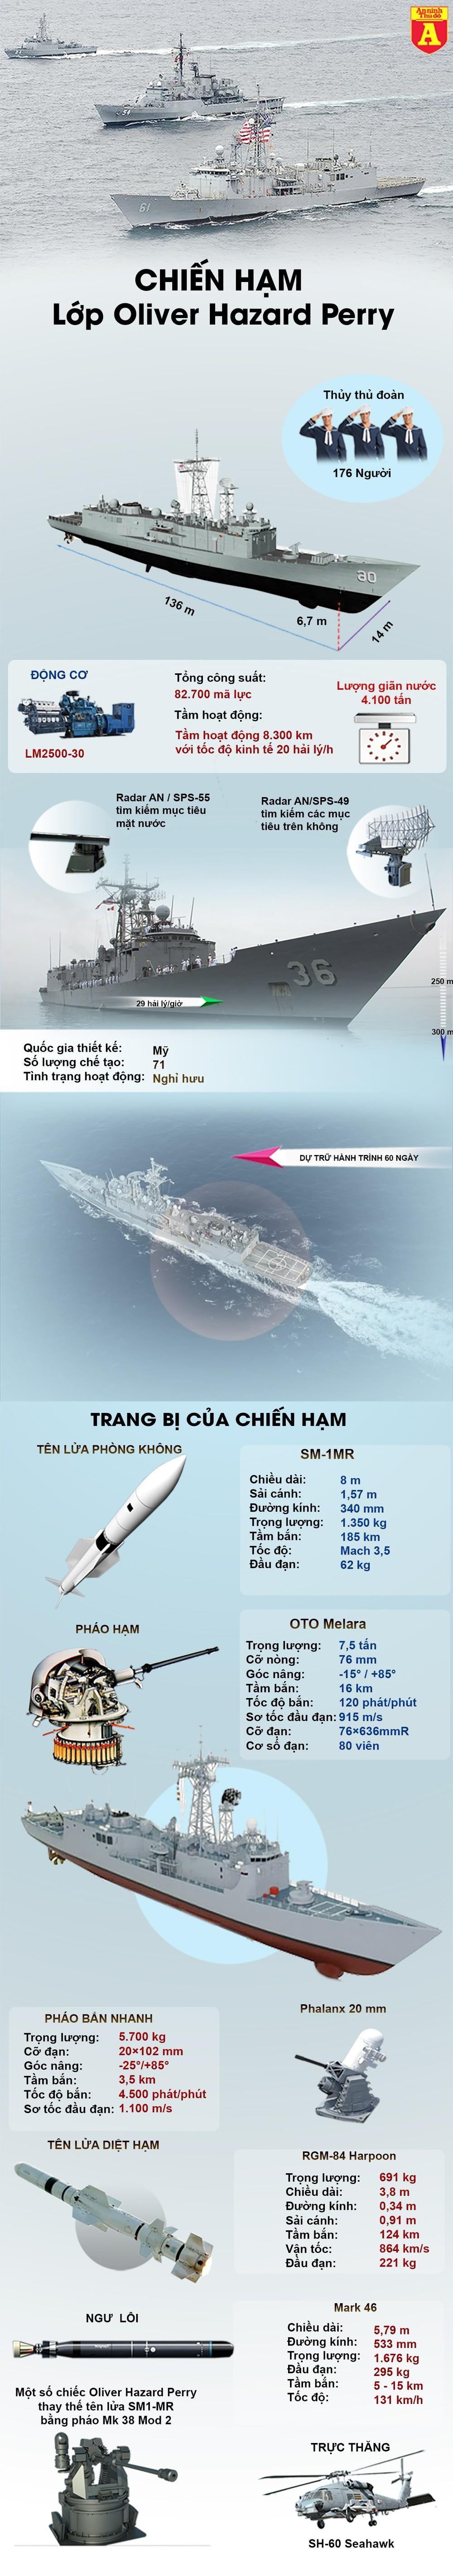 [Info] Sức mạnh chiến hạm mang tên lửa dẫn đường vừa bị Mỹ đem ra đánh chìm ảnh 3